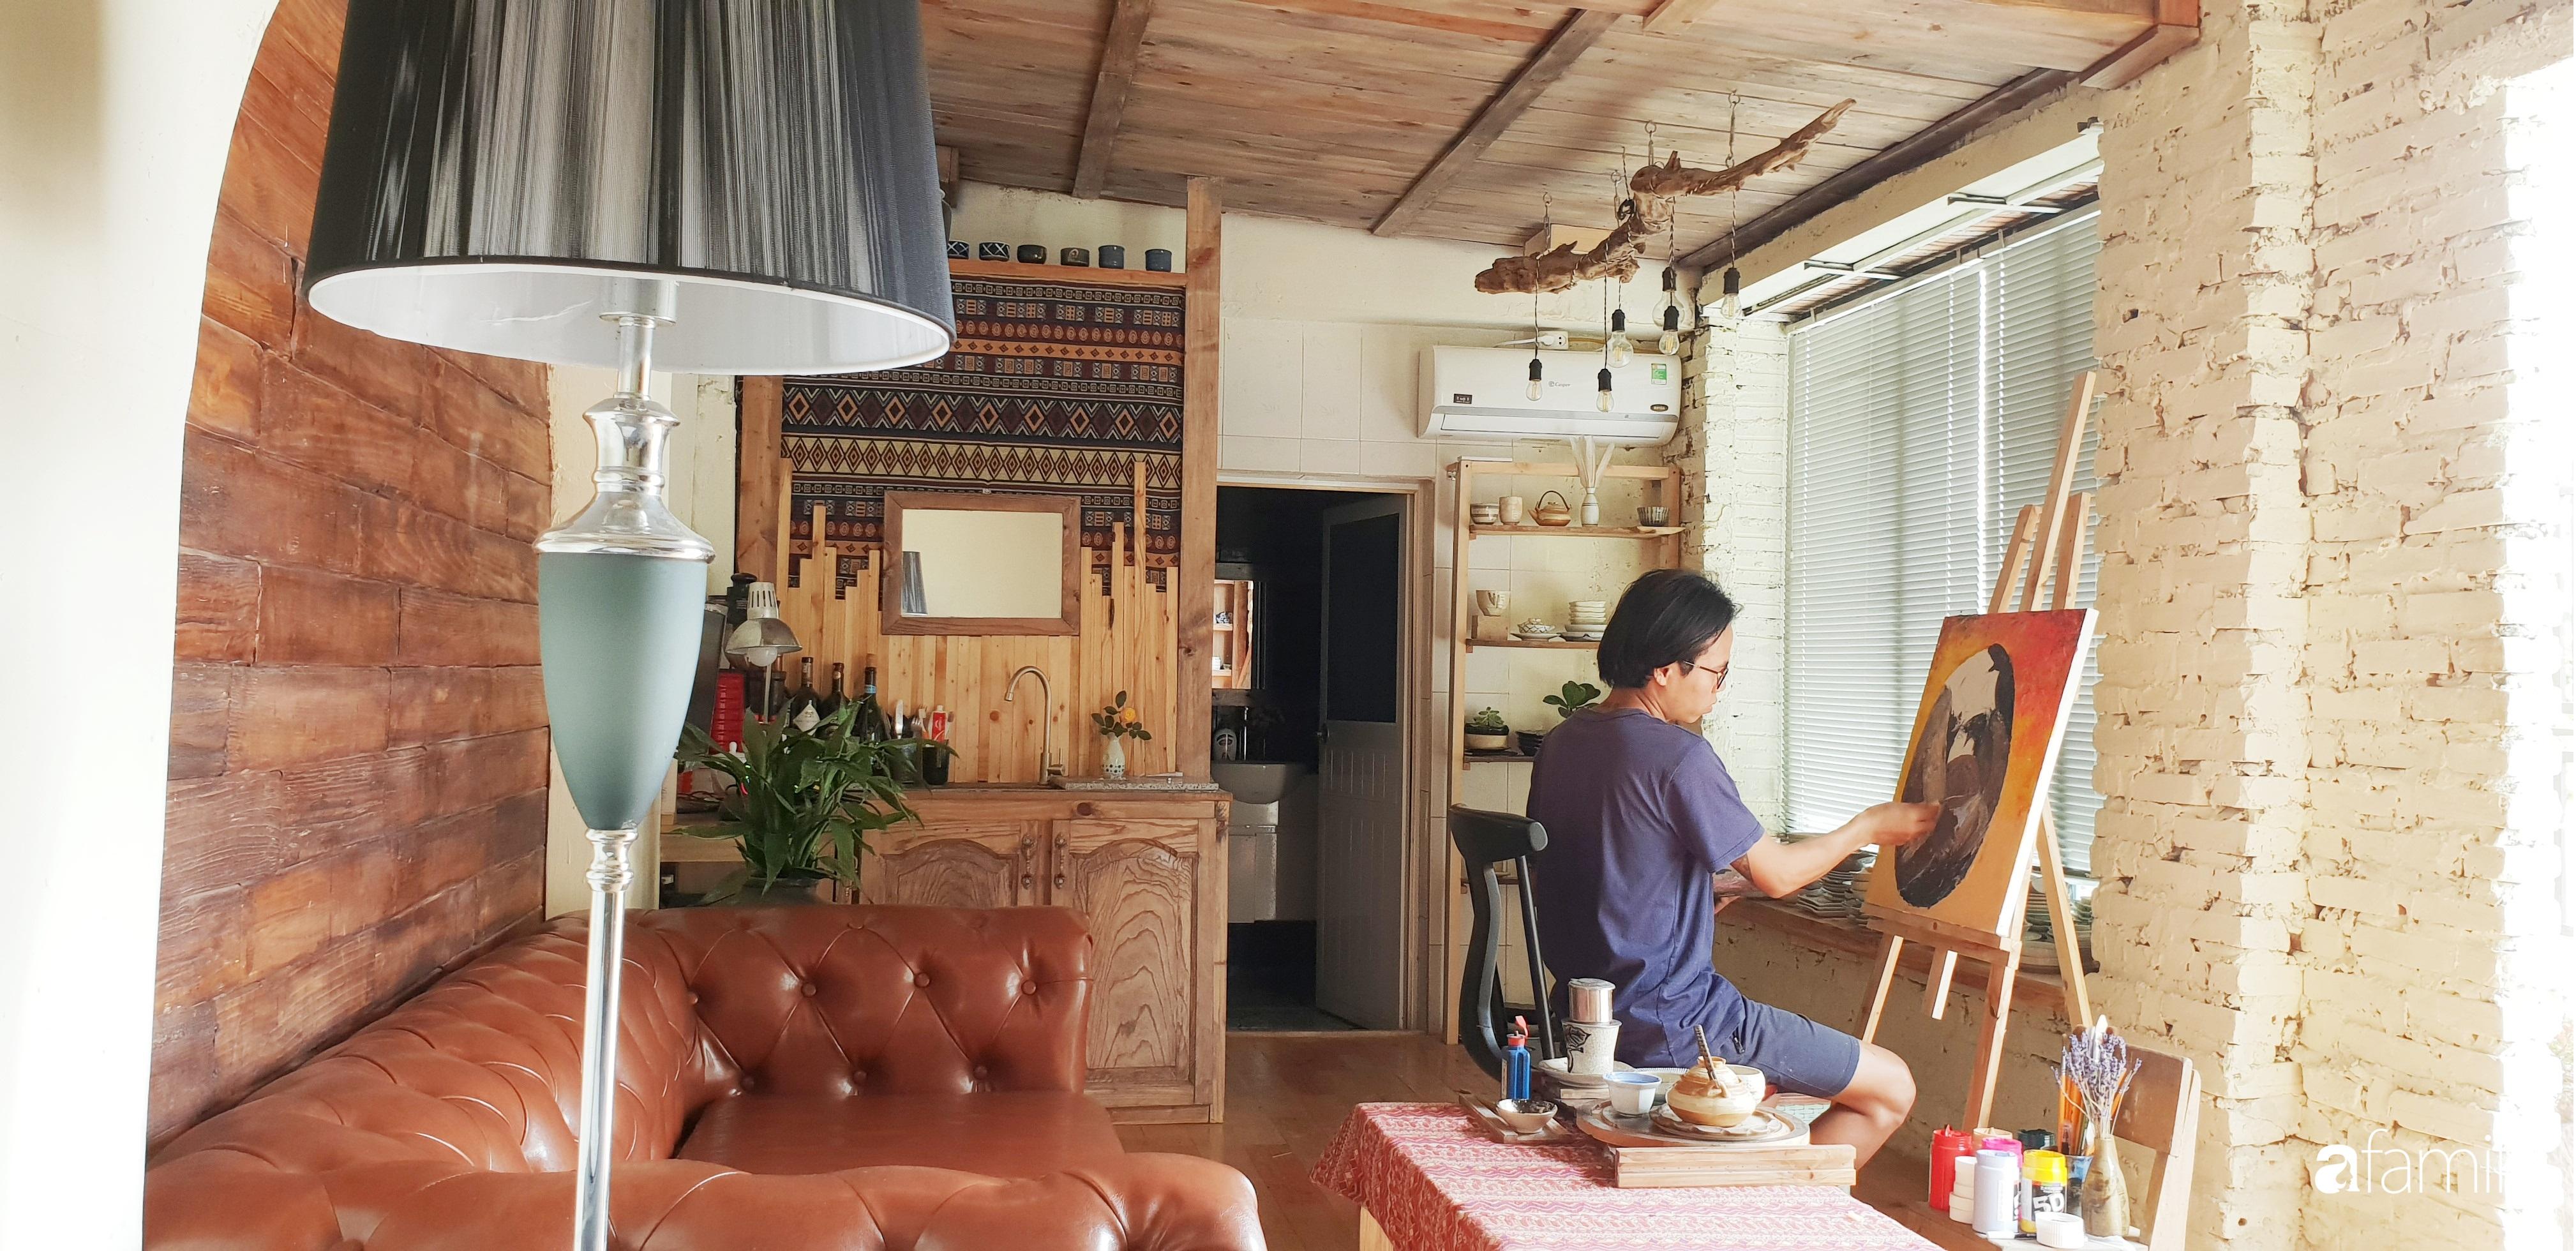 Chàng trai miền Trung biến nhà kho cũ thành ngôi nhà hạnh phúc đẹp lãng mạn cho hai vợ chồng - Ảnh 8.